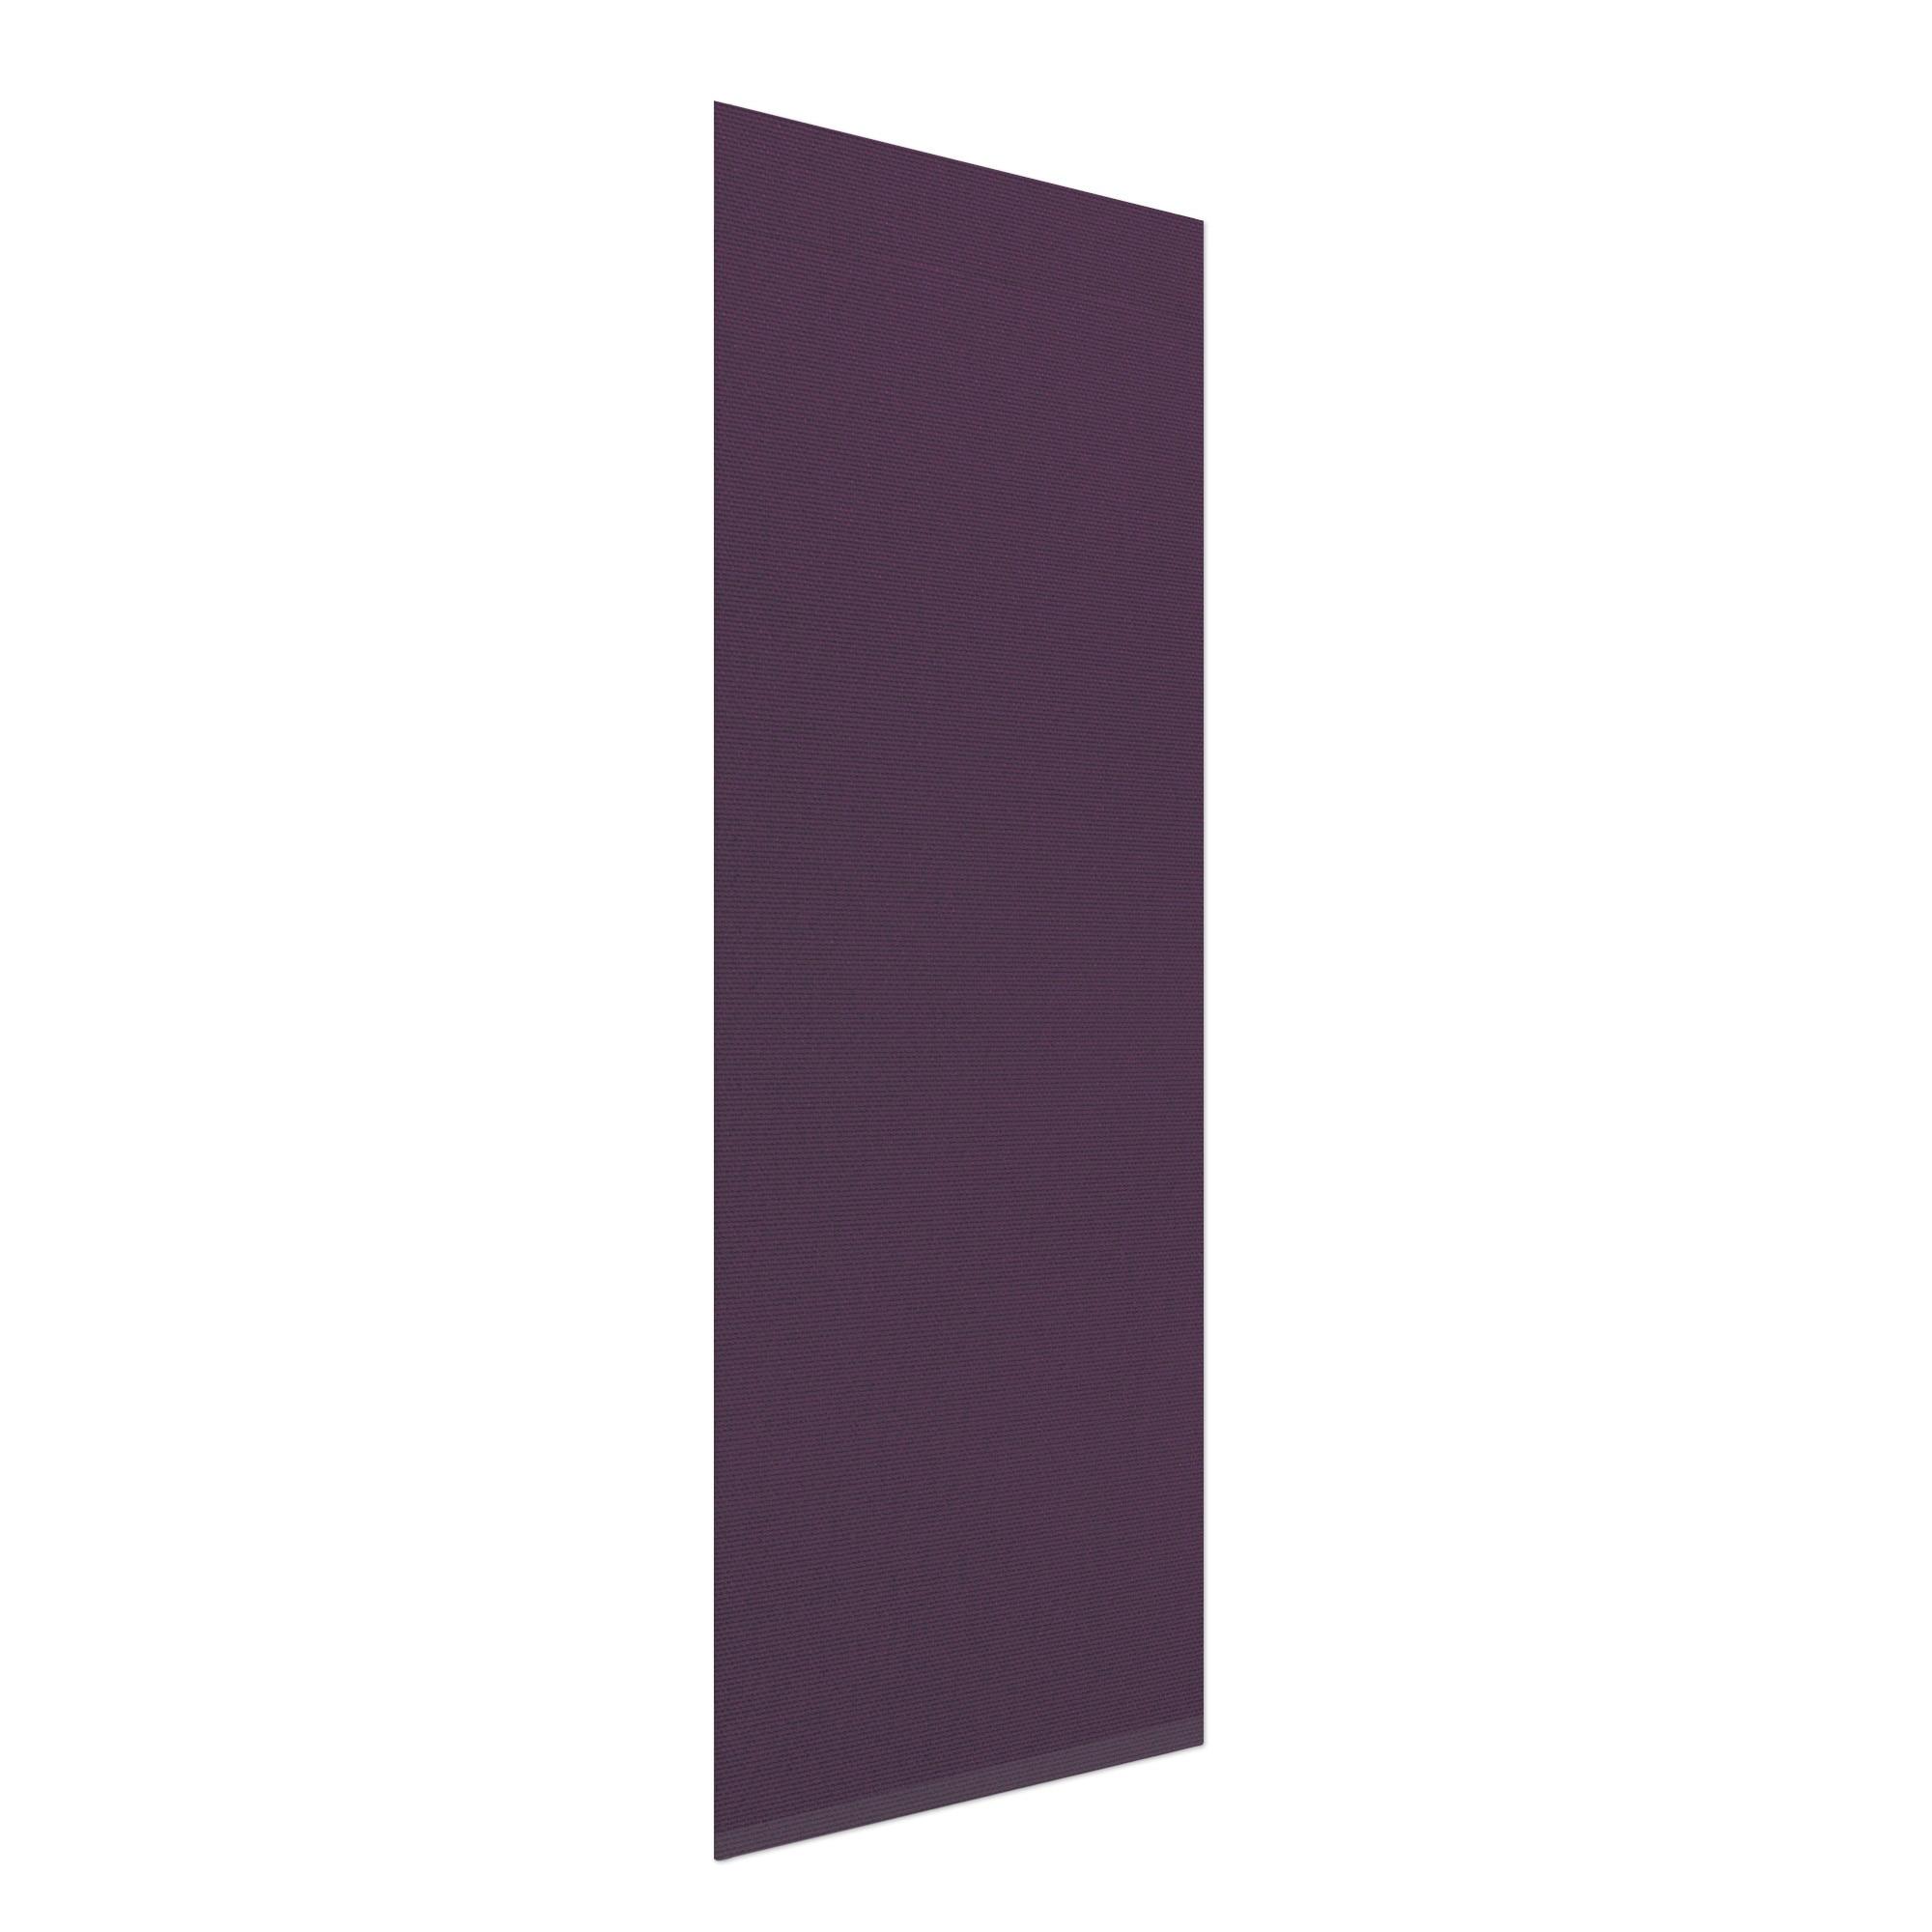 panneau japonais victoria m rideau coulissant 60x250cm couleur et tissu au choix ebay. Black Bedroom Furniture Sets. Home Design Ideas